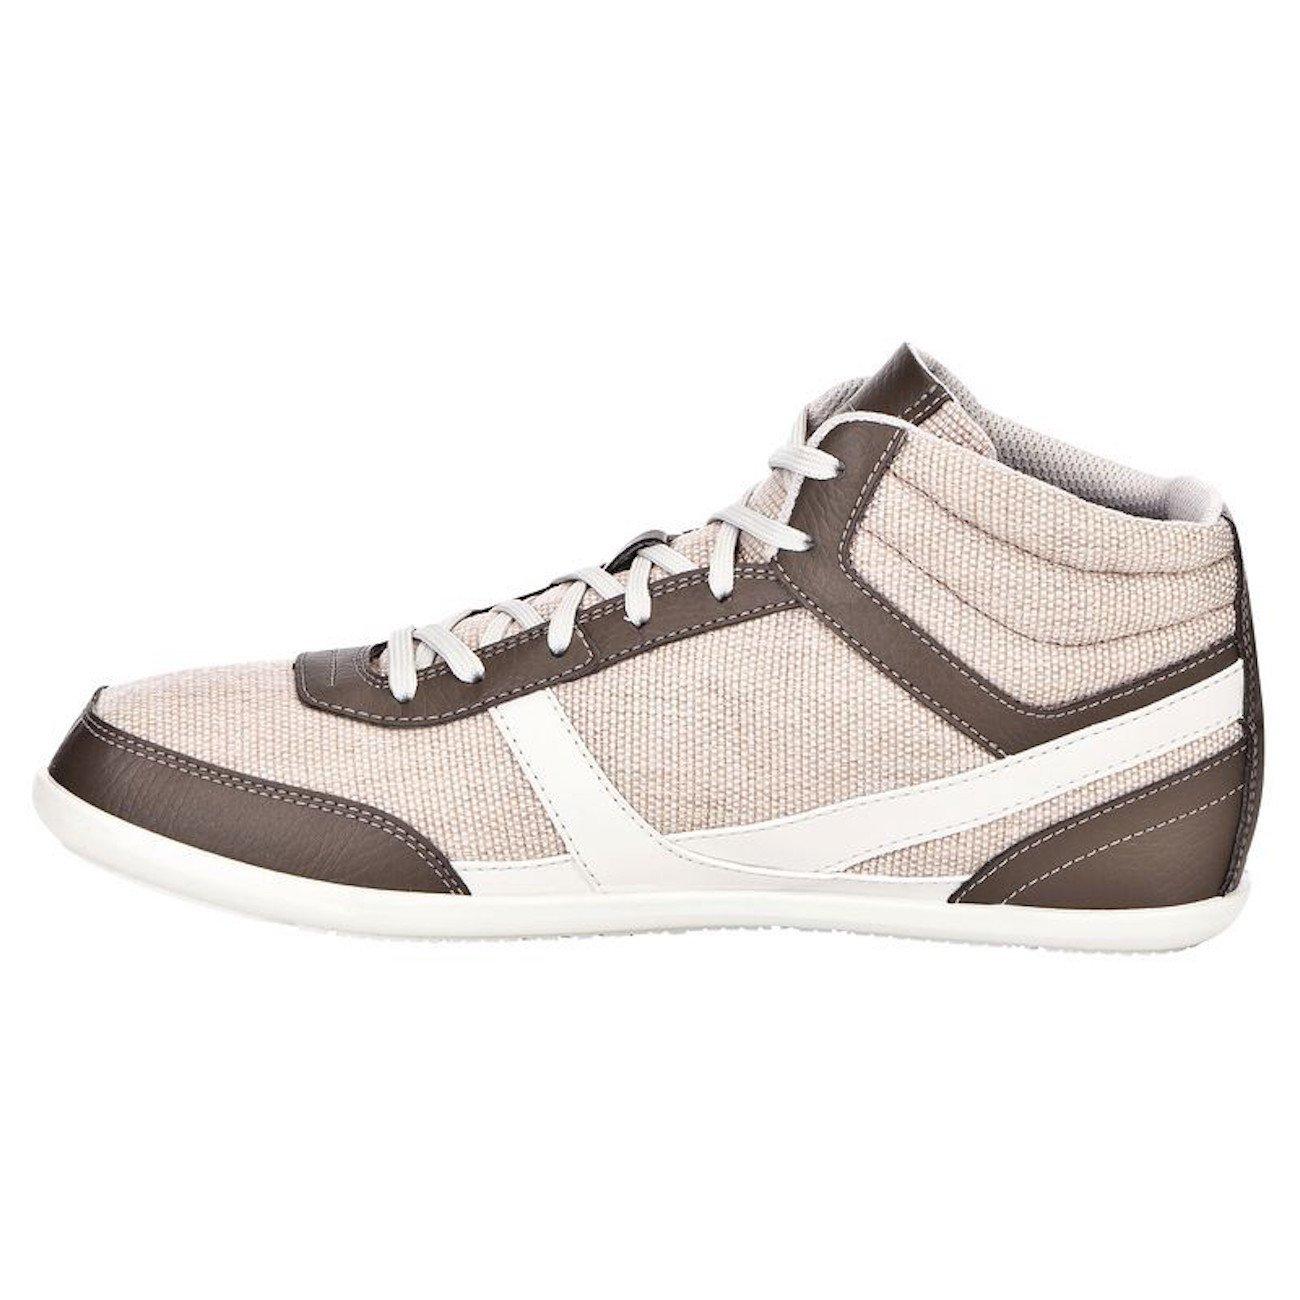 NEWFEEL - Zapatillas de Material Sintético para Hombre Beige Beige 40: Amazon.es: Zapatos y complementos